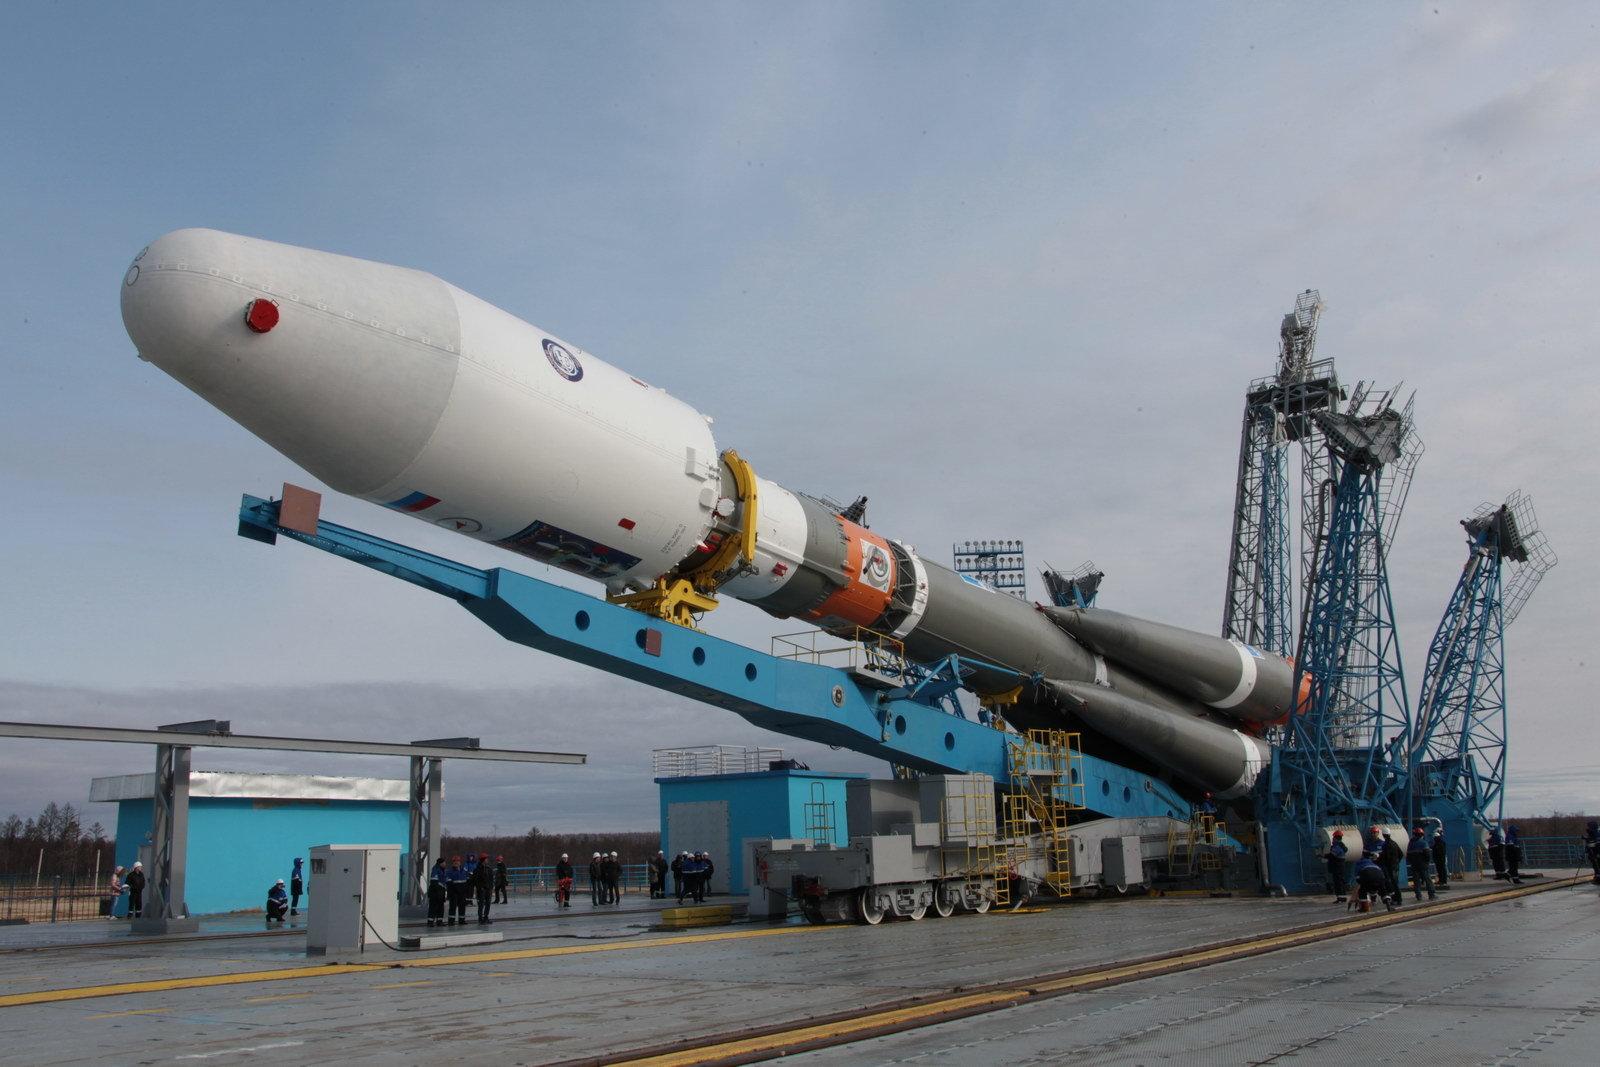 На космодроме Восточный установили ракету-носитель «Союз 2.1а» для первого запуска - 12